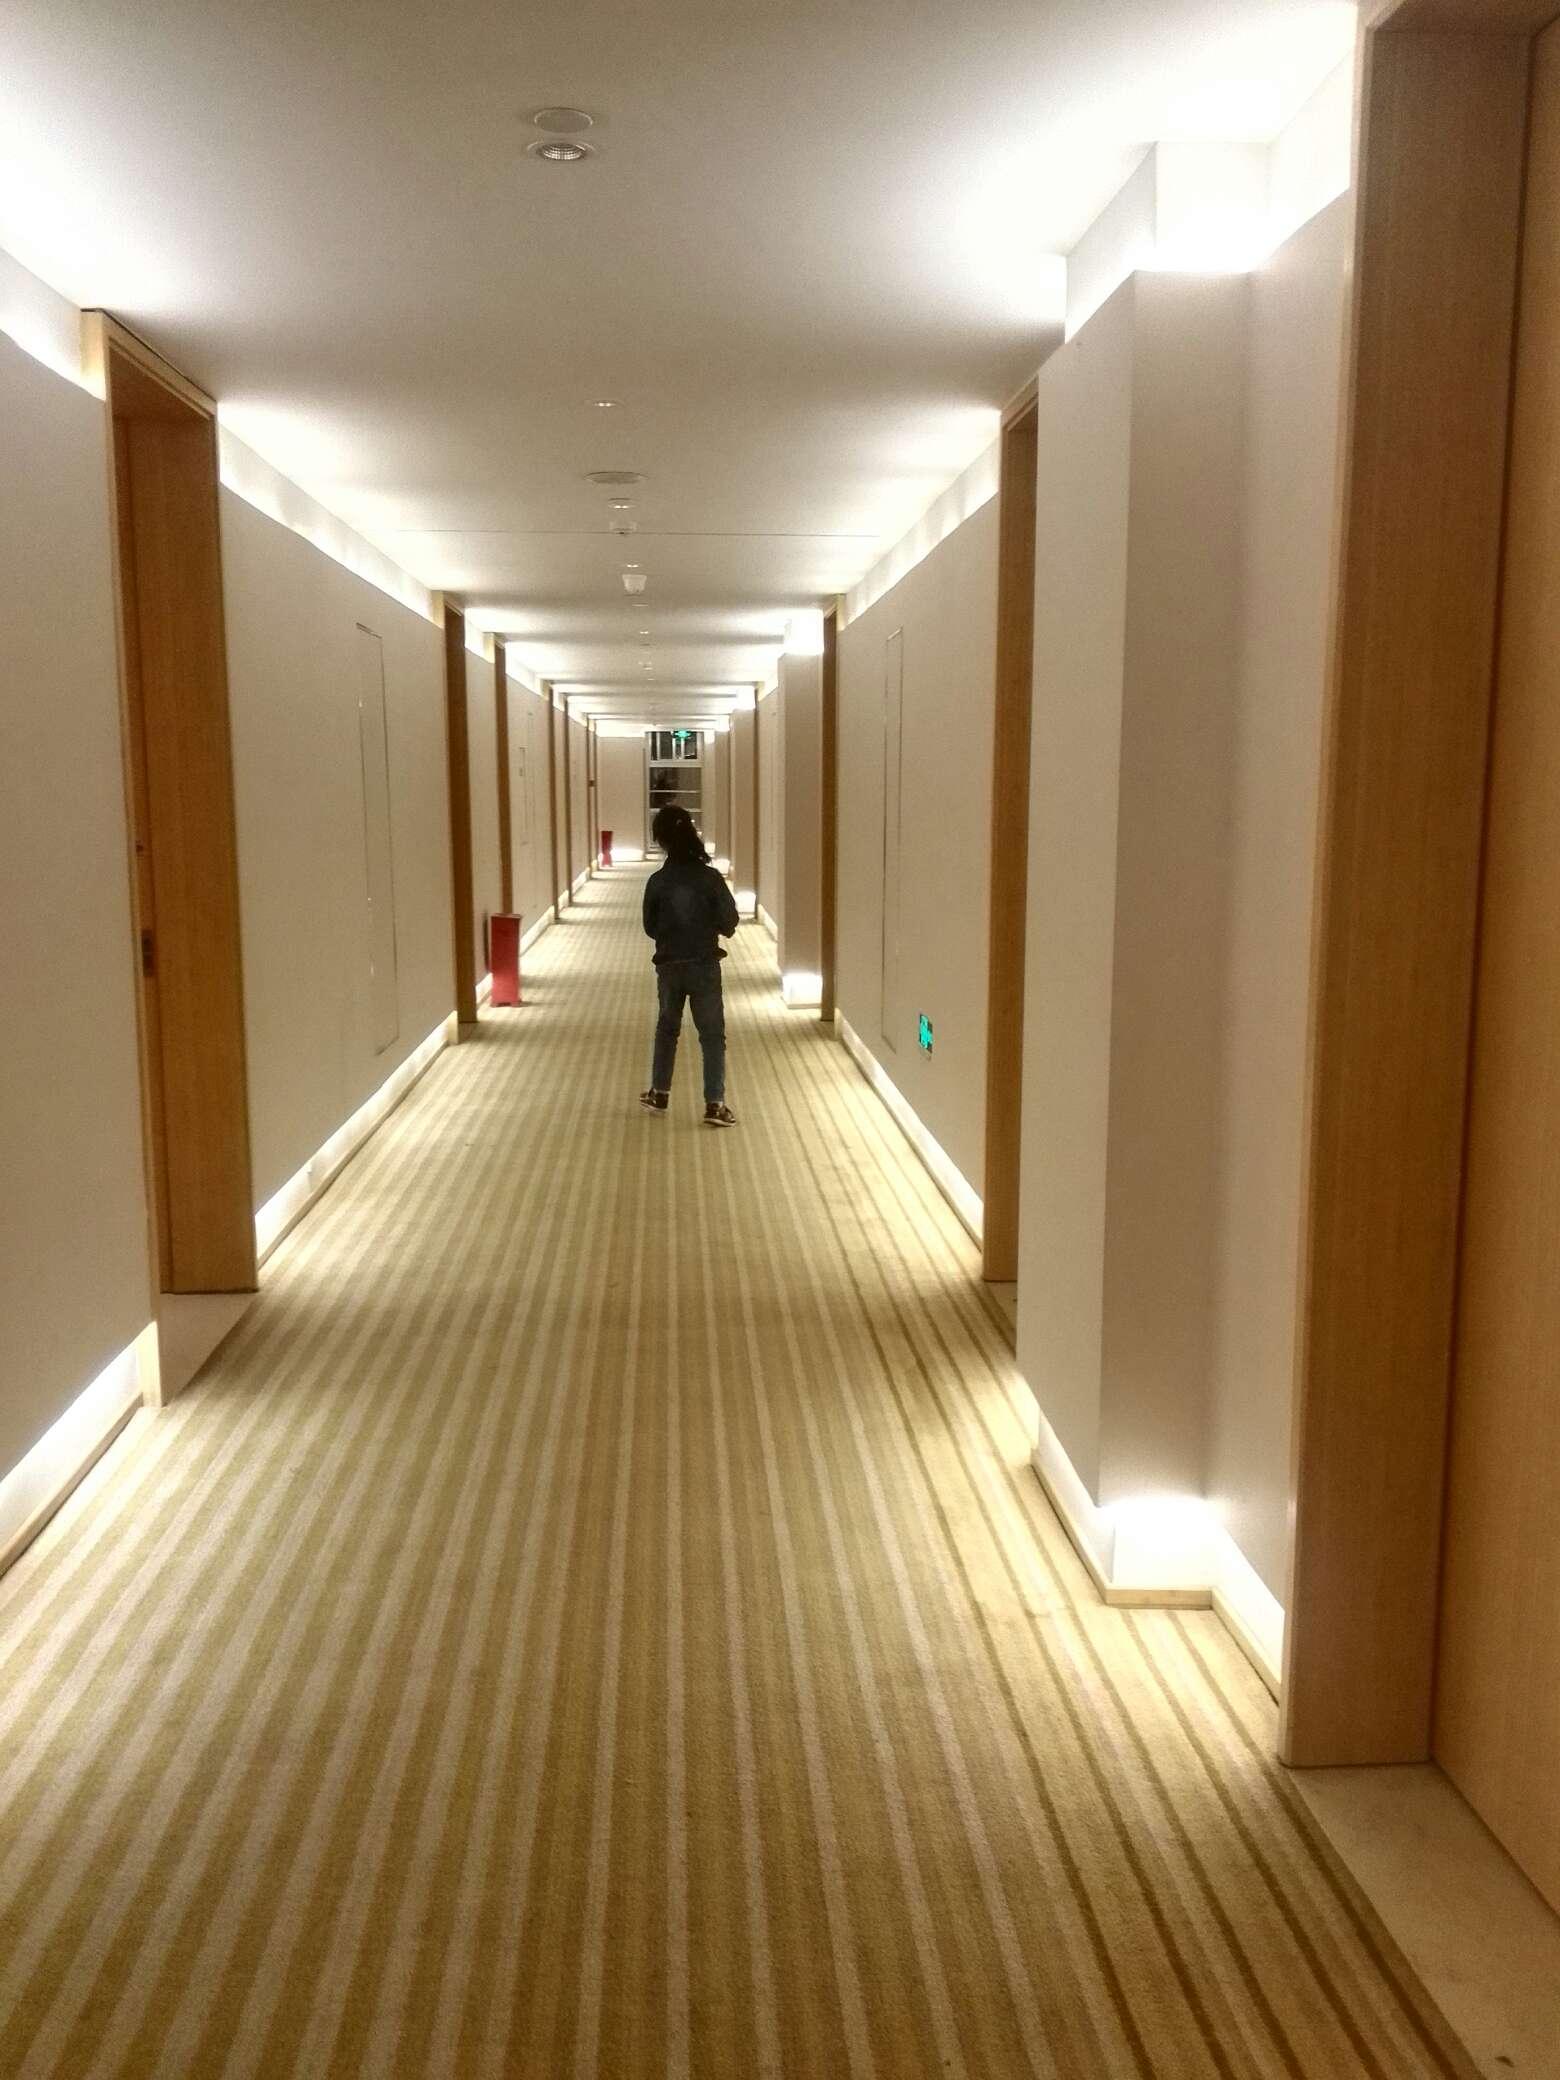 全季酒店(连云港海宁中路店)预订_全季酒店(连